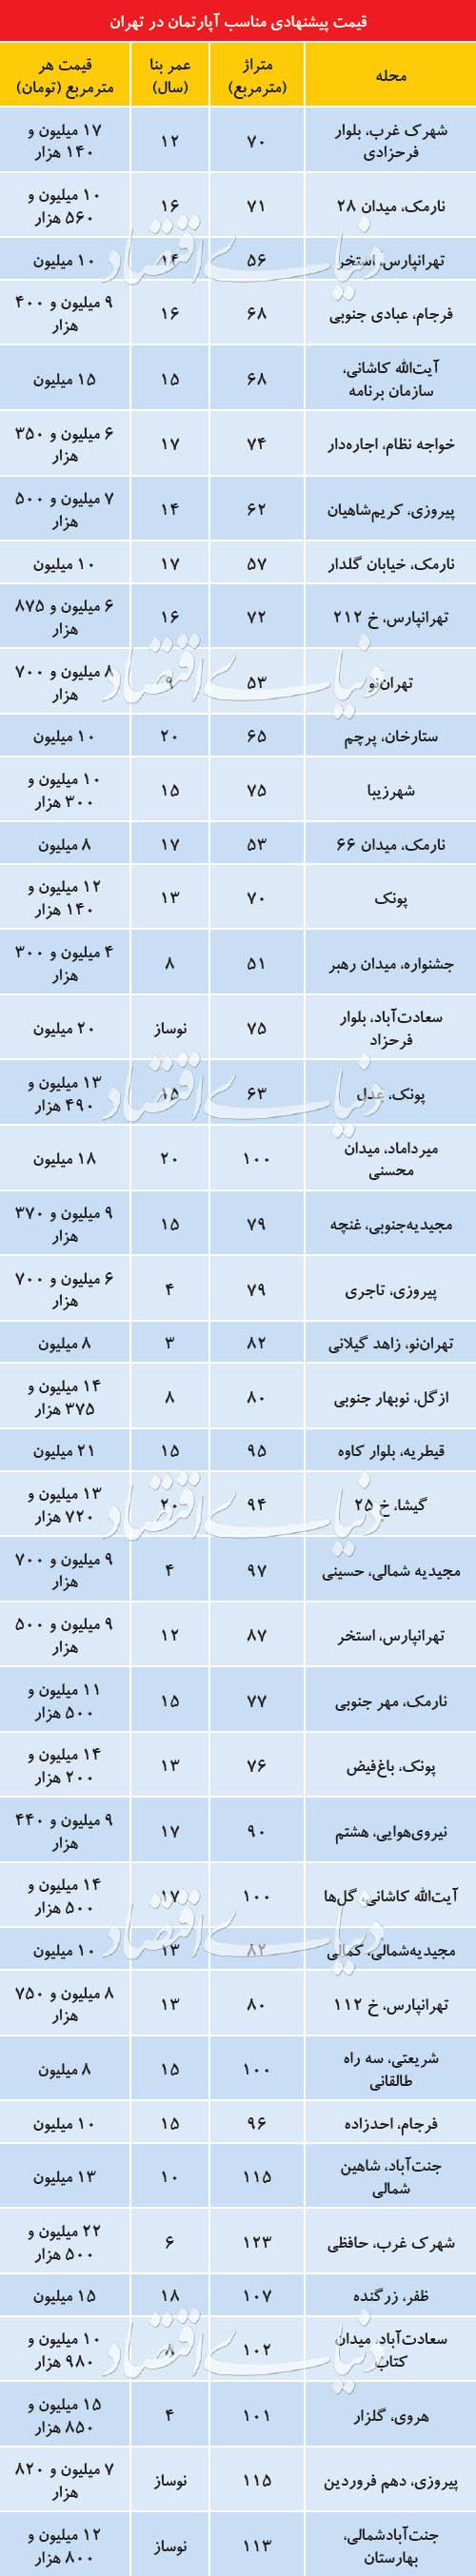 آپارتمانهای قیمت مناسب در تهران